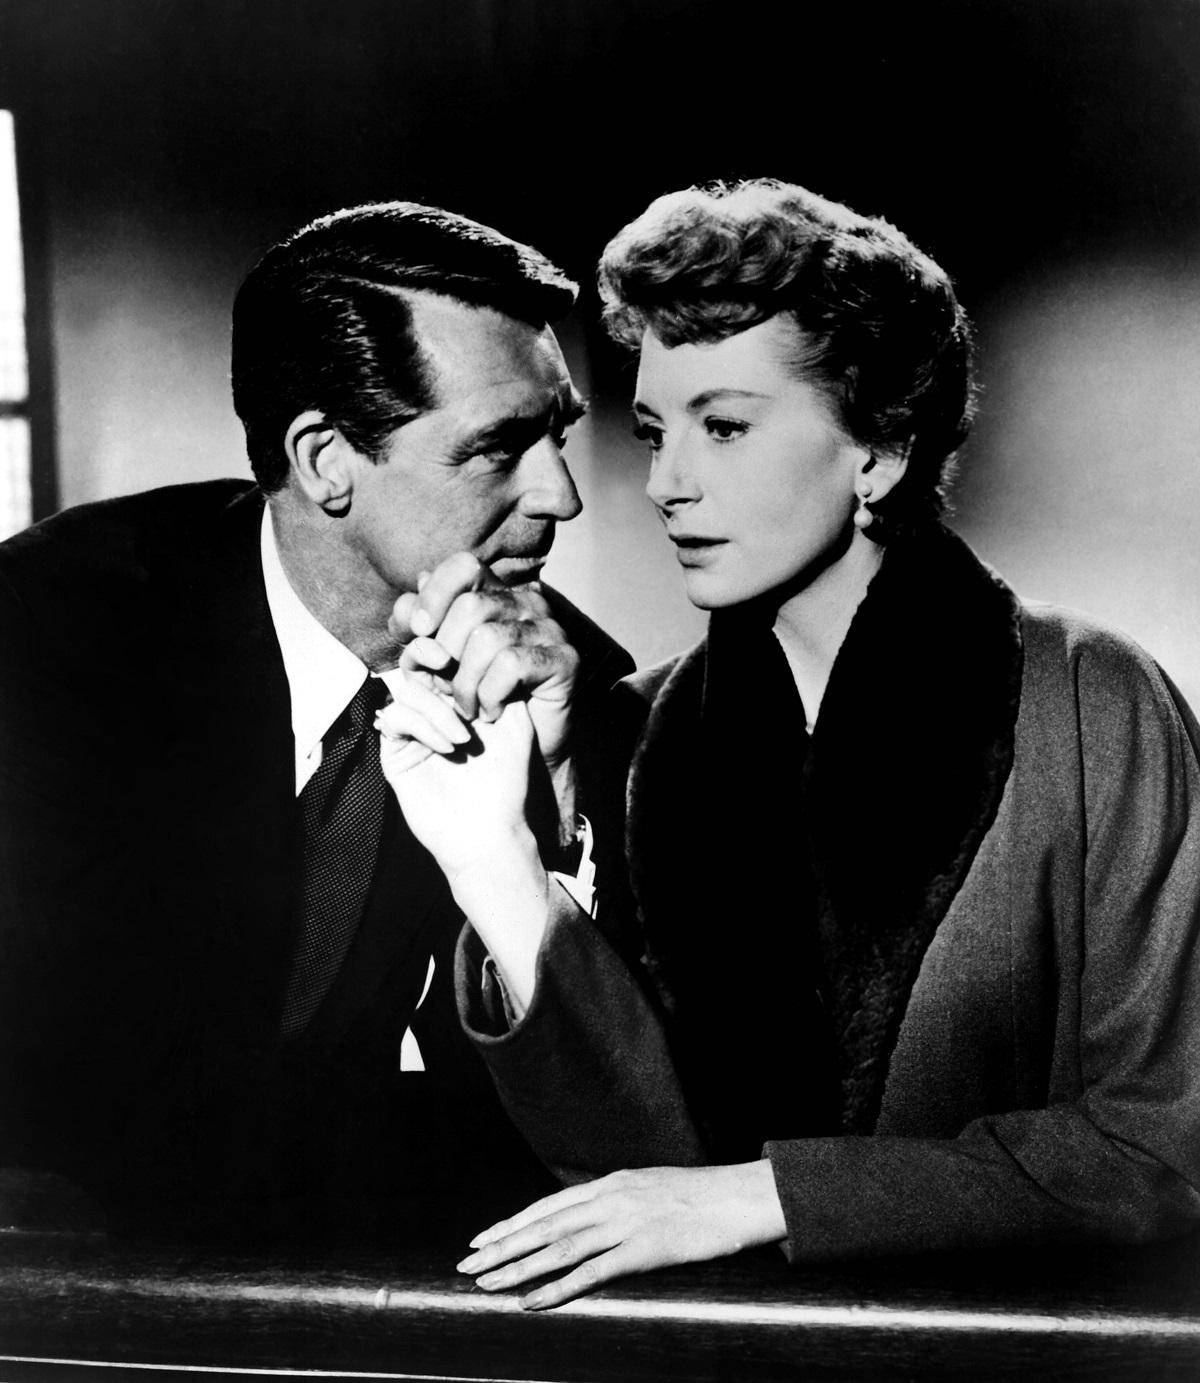 Deborah Kerr and Cary Grant